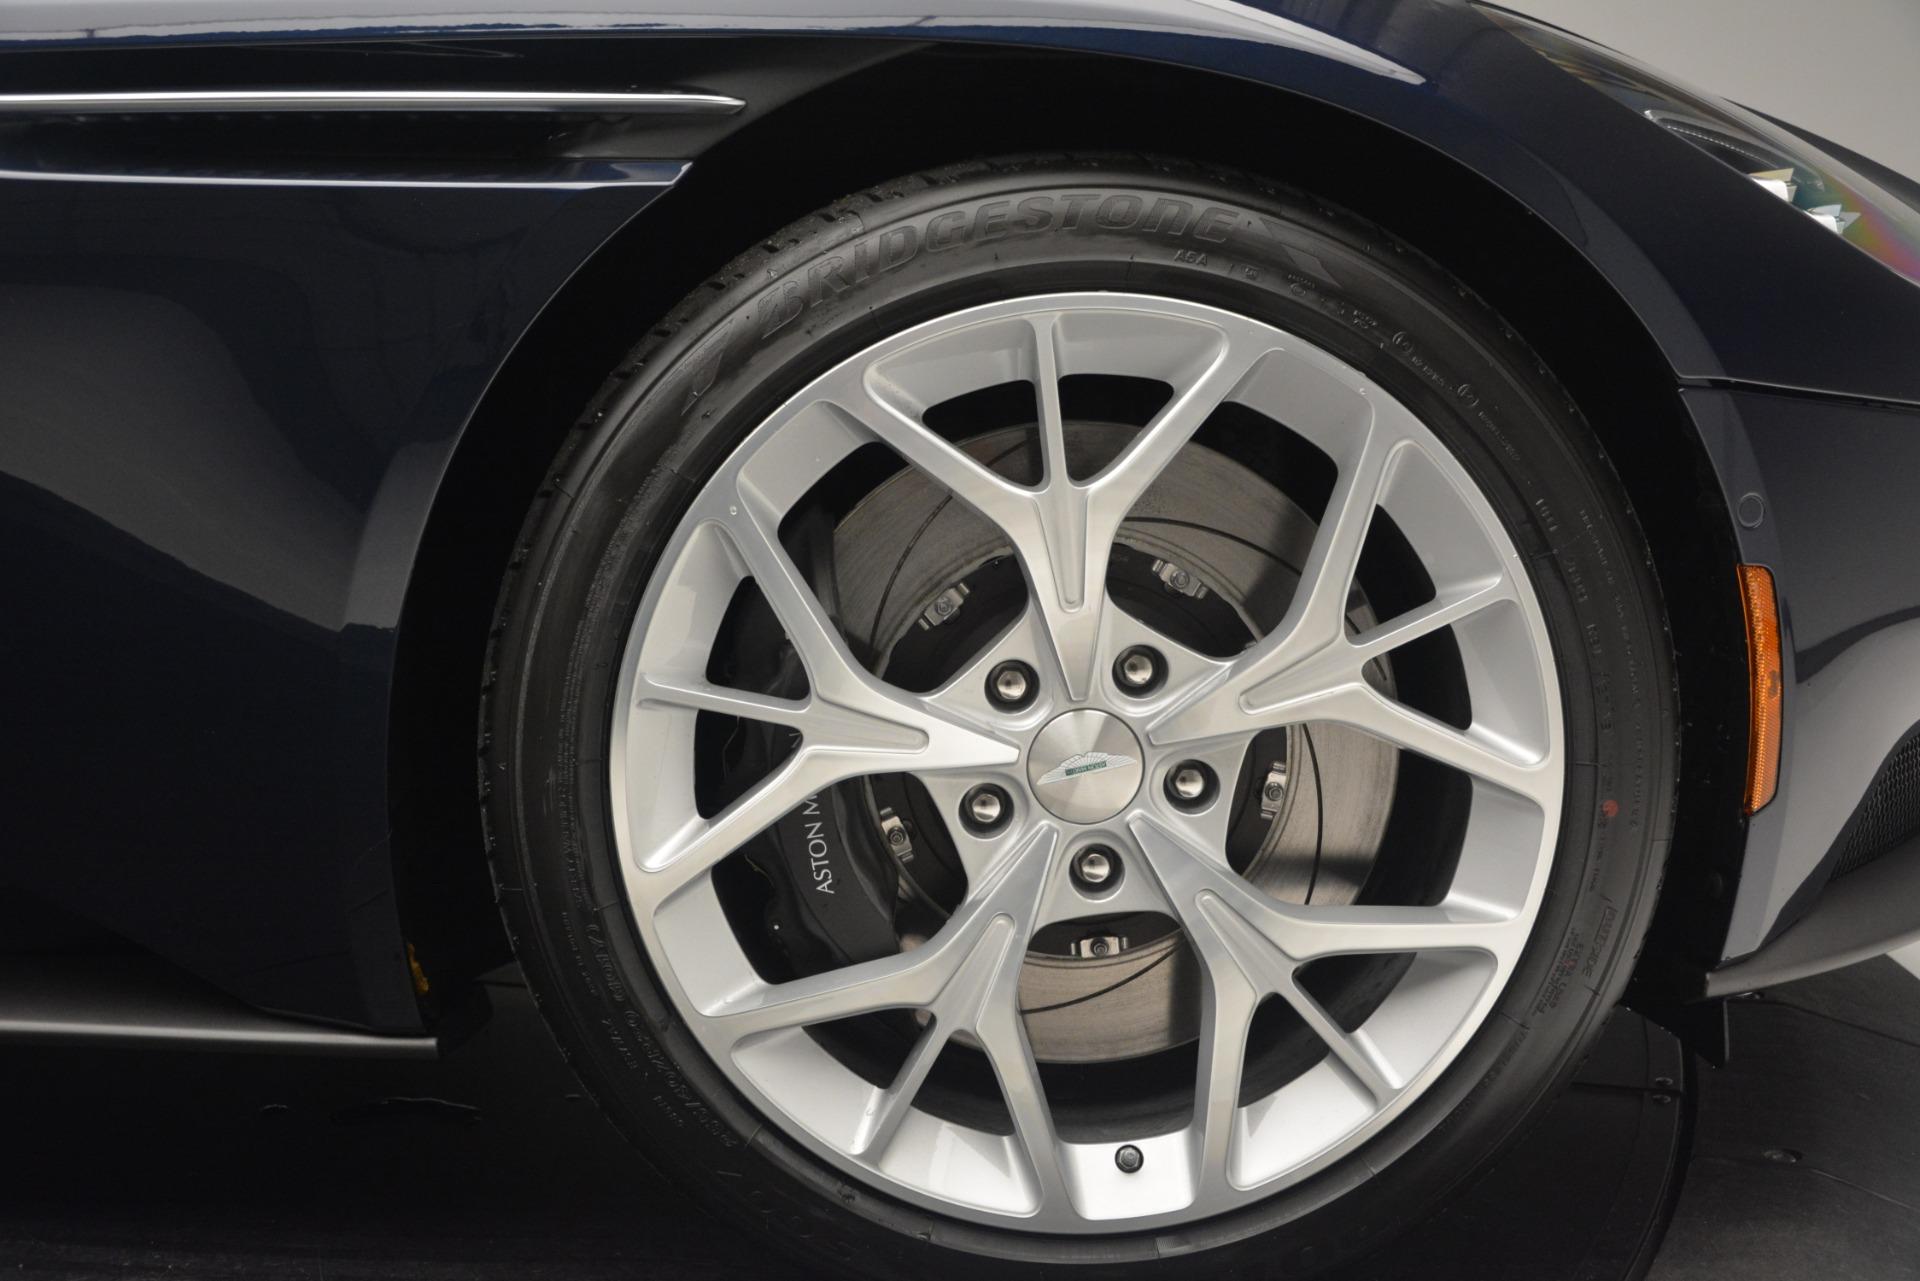 New 2019 Aston Martin DB11 Volante Volante For Sale In Greenwich, CT. Alfa Romeo of Greenwich, A1326 2594_p30